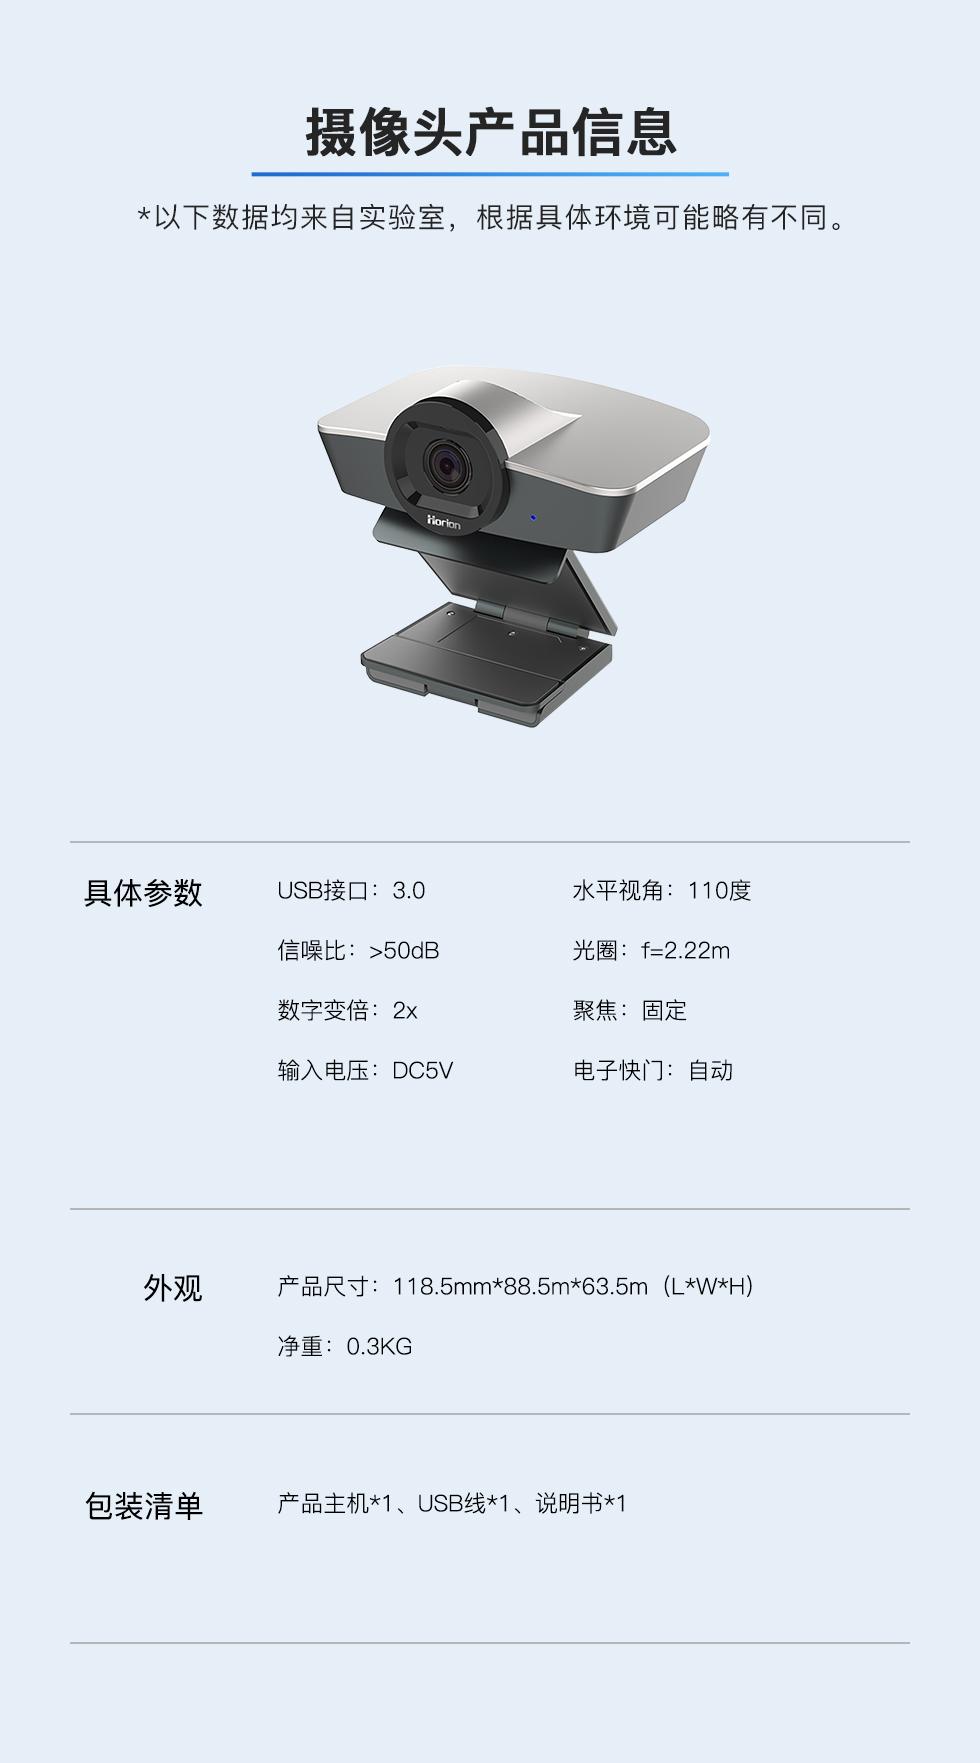 博亚体育HC-3摄像头产品参数信息 硬件配置